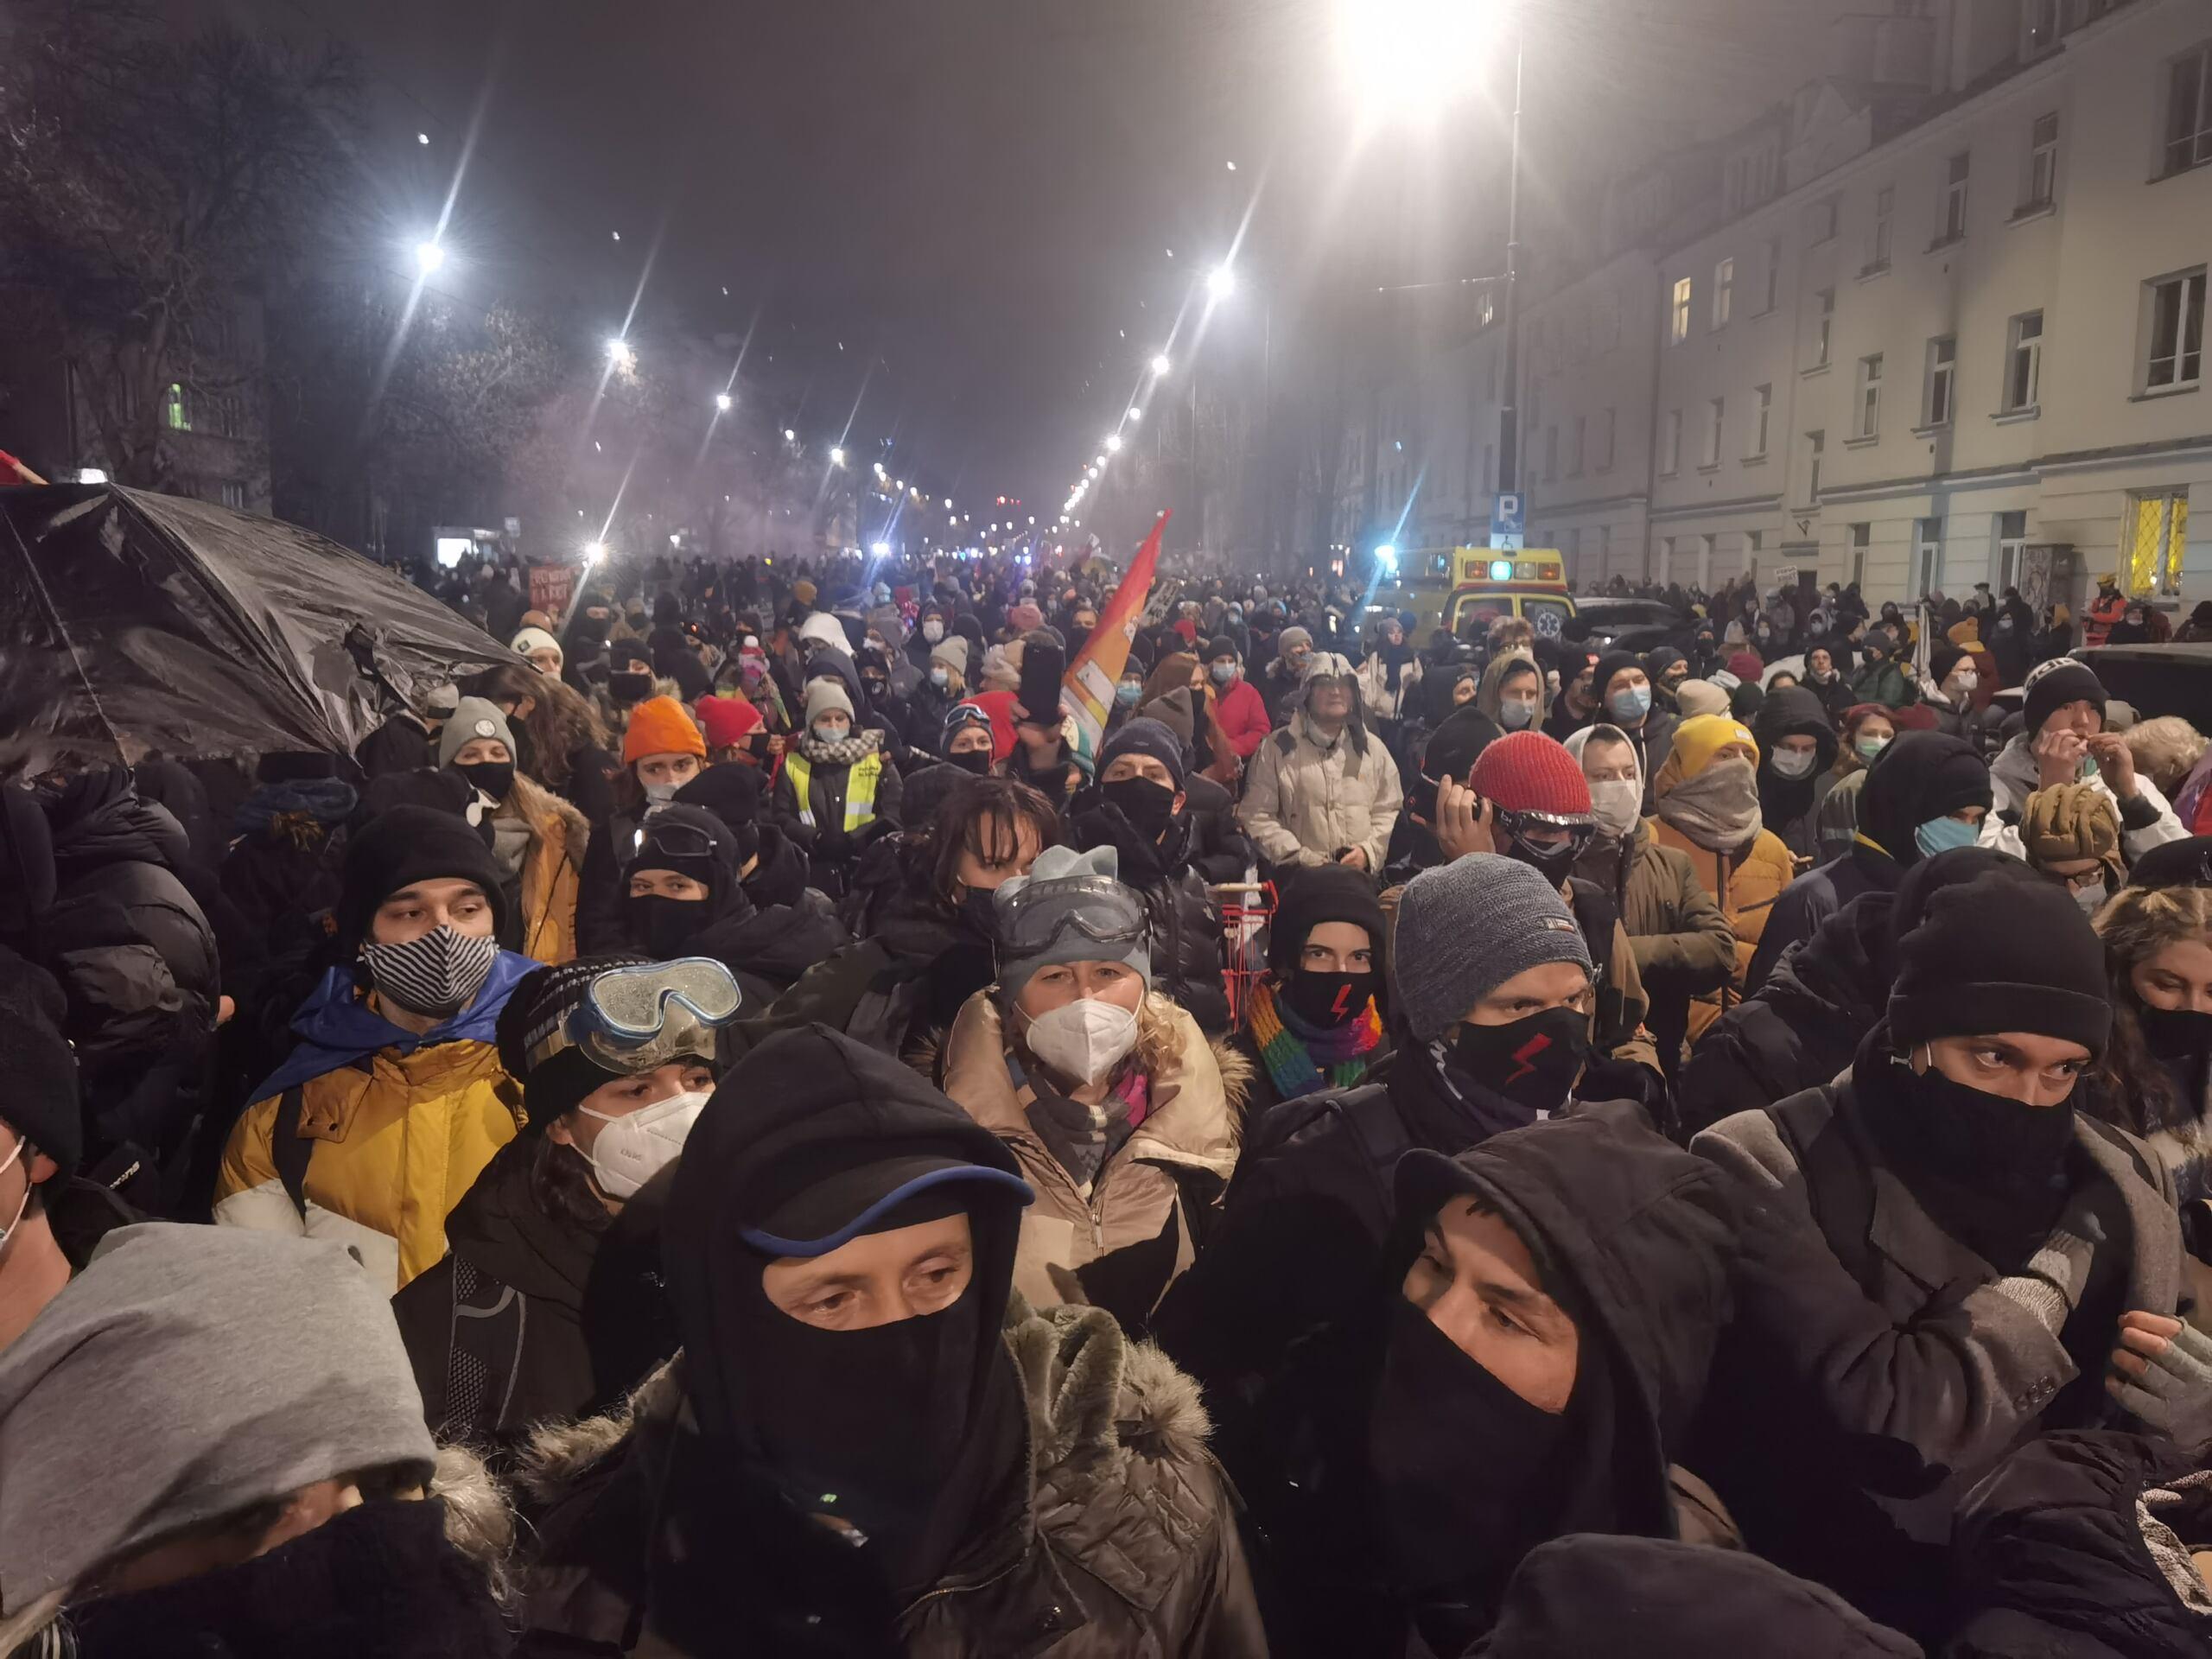 Ulica Mickiewicza Strajk Kobiet 29 stycznia 2021 fot. Robert Jurszo